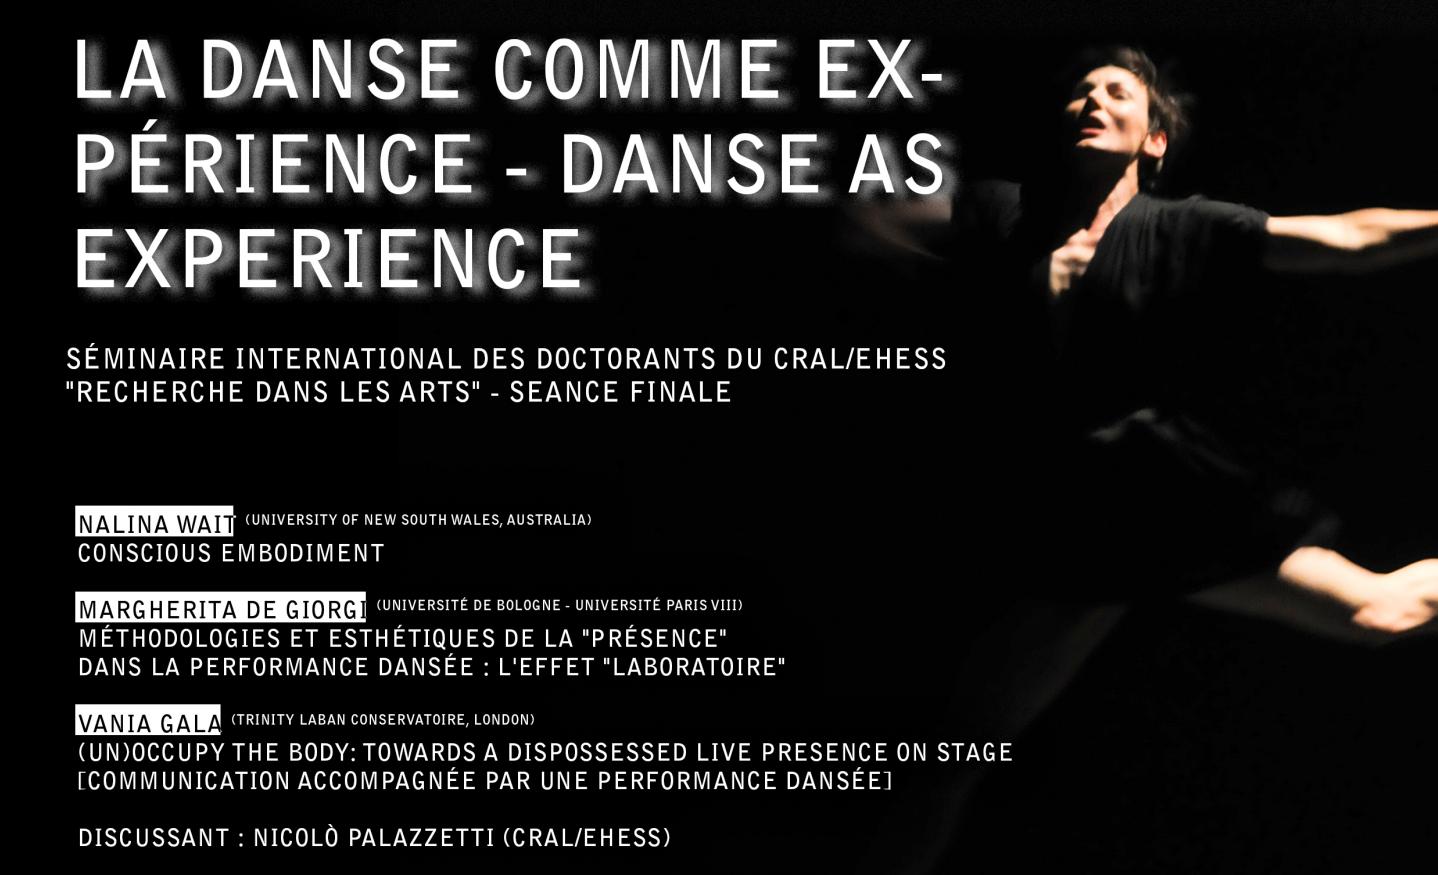 Danse comme expérience